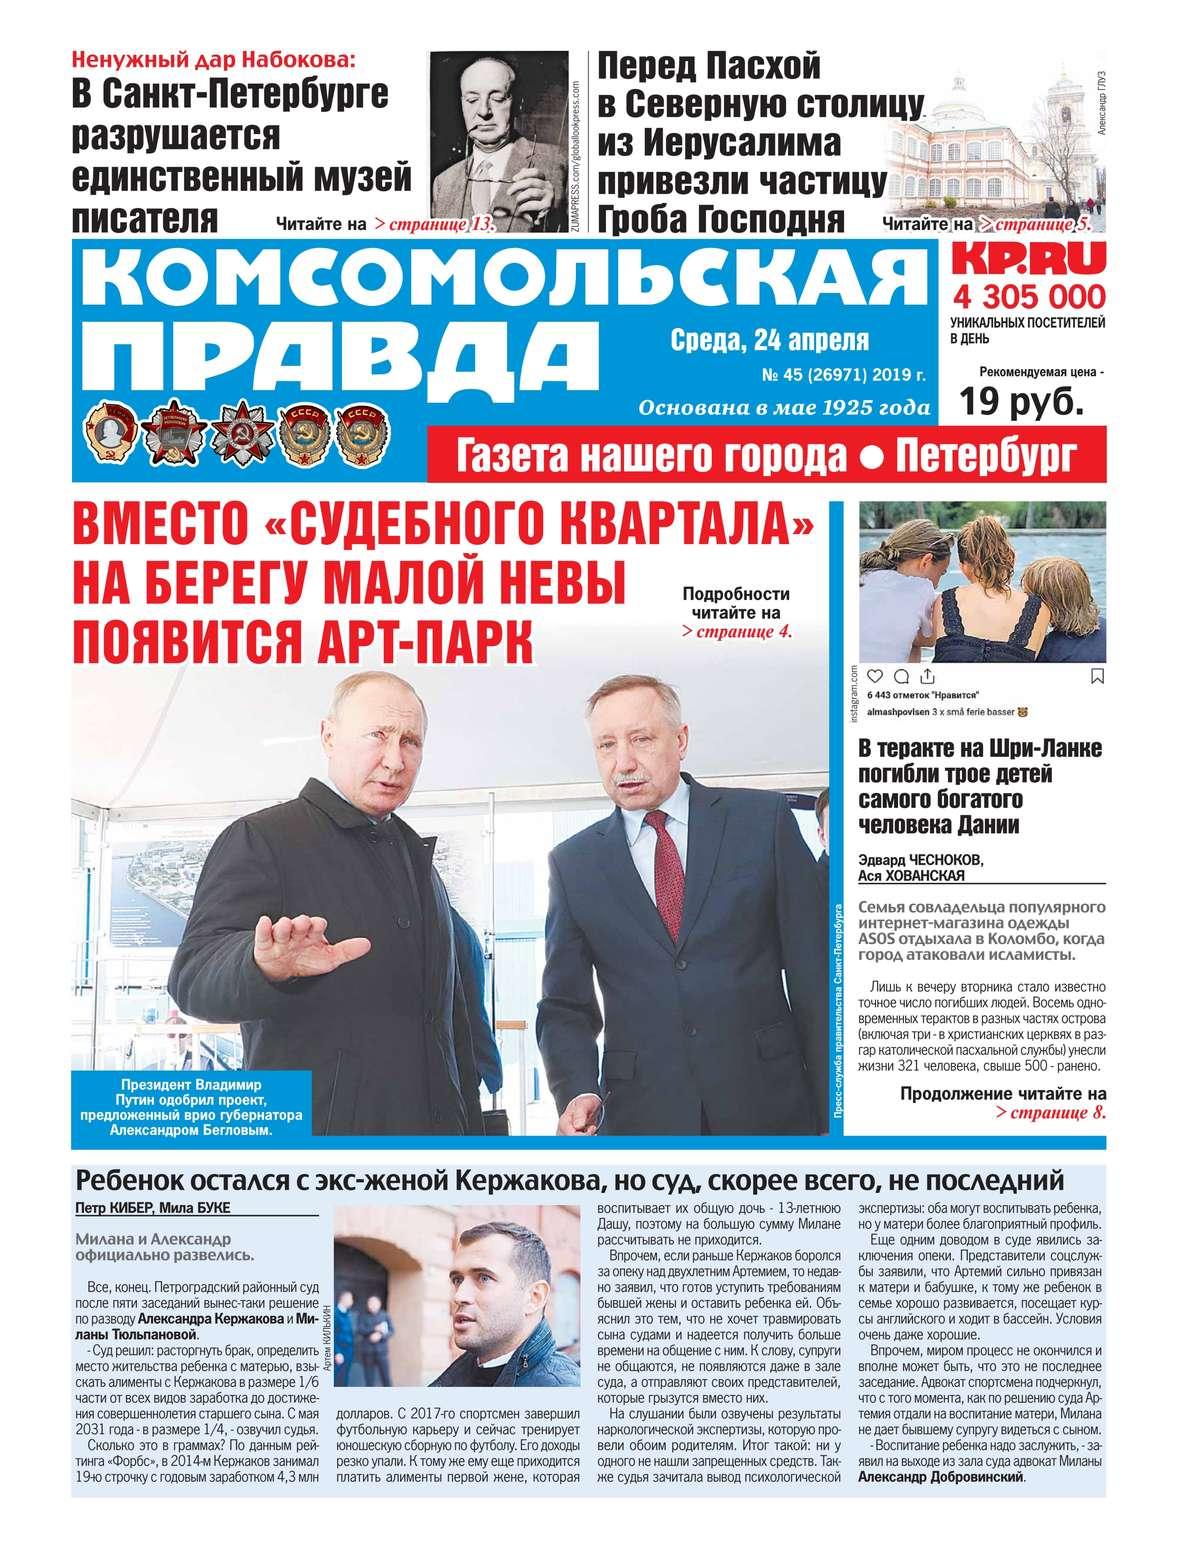 Комсомольская Правда. Санкт-Петербург 45-2019